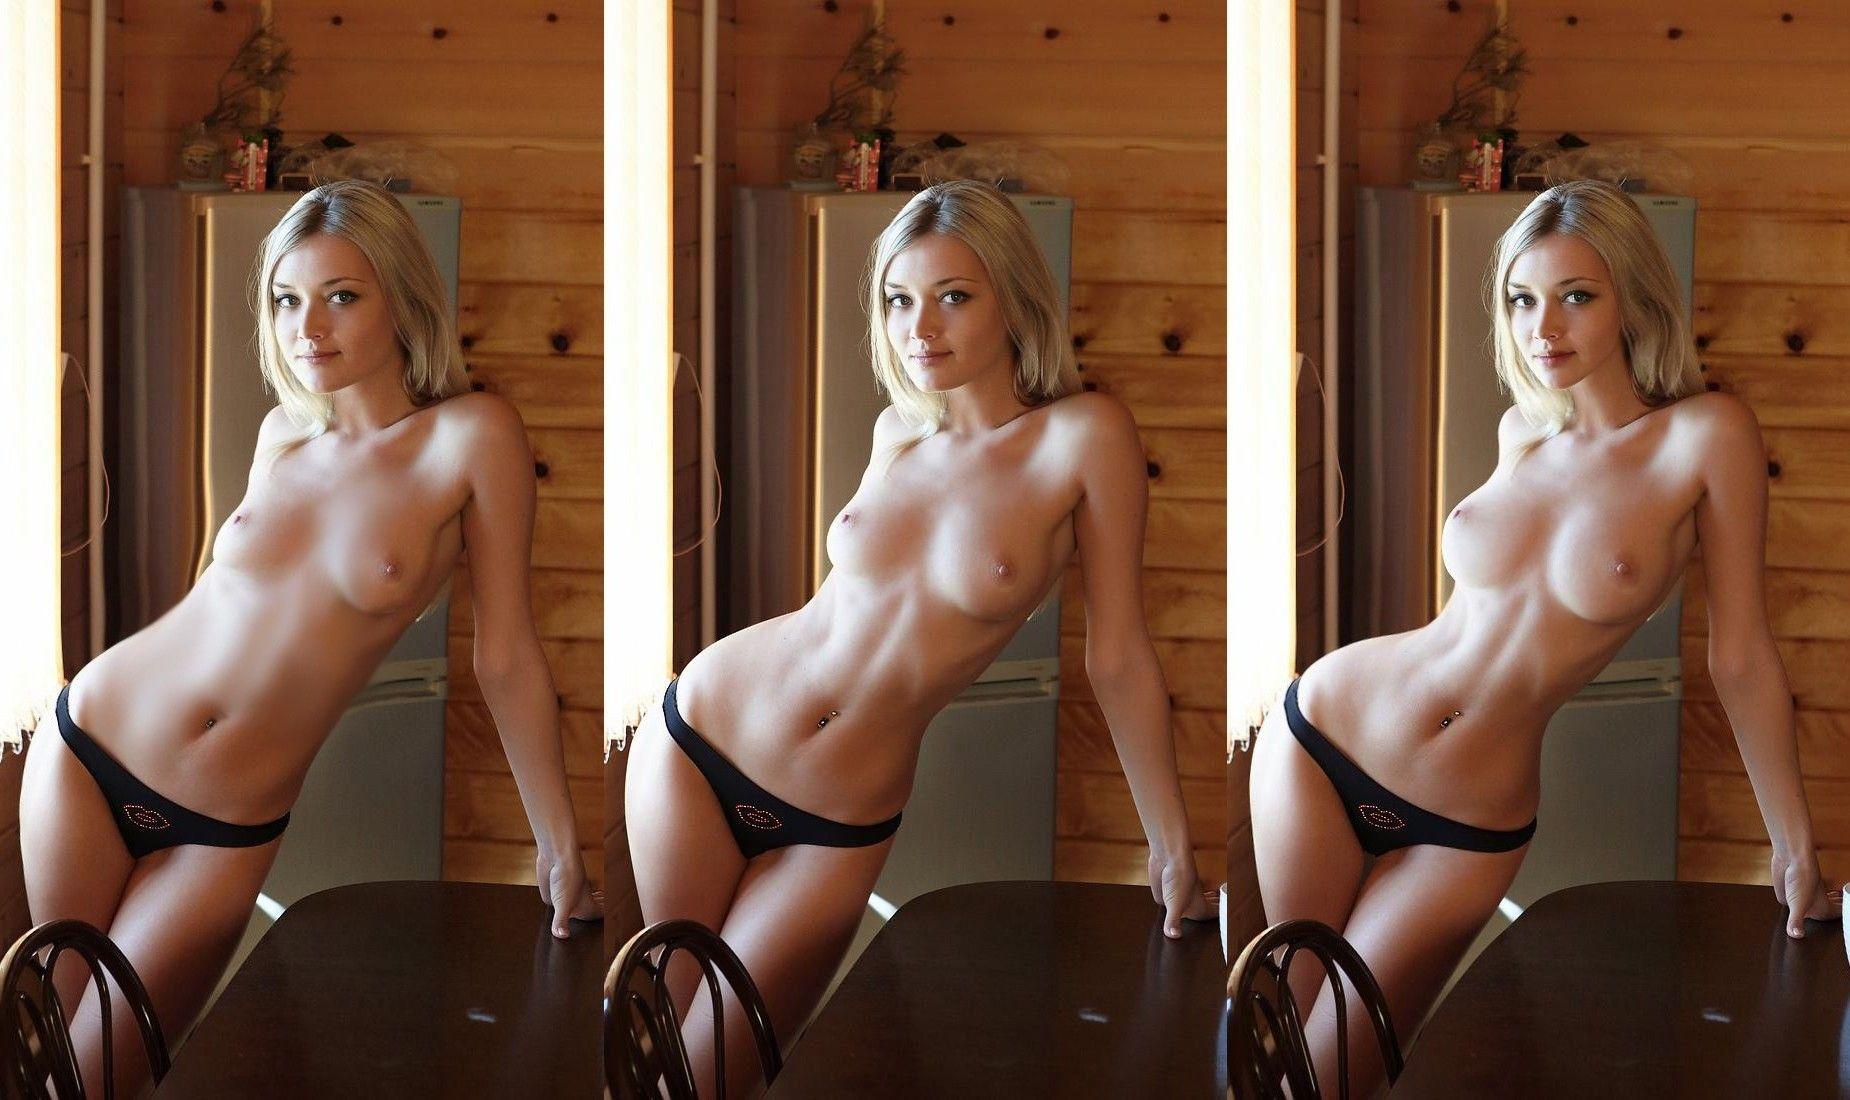 сценарий голые девушки после фотошопа или вылизывание девушкой